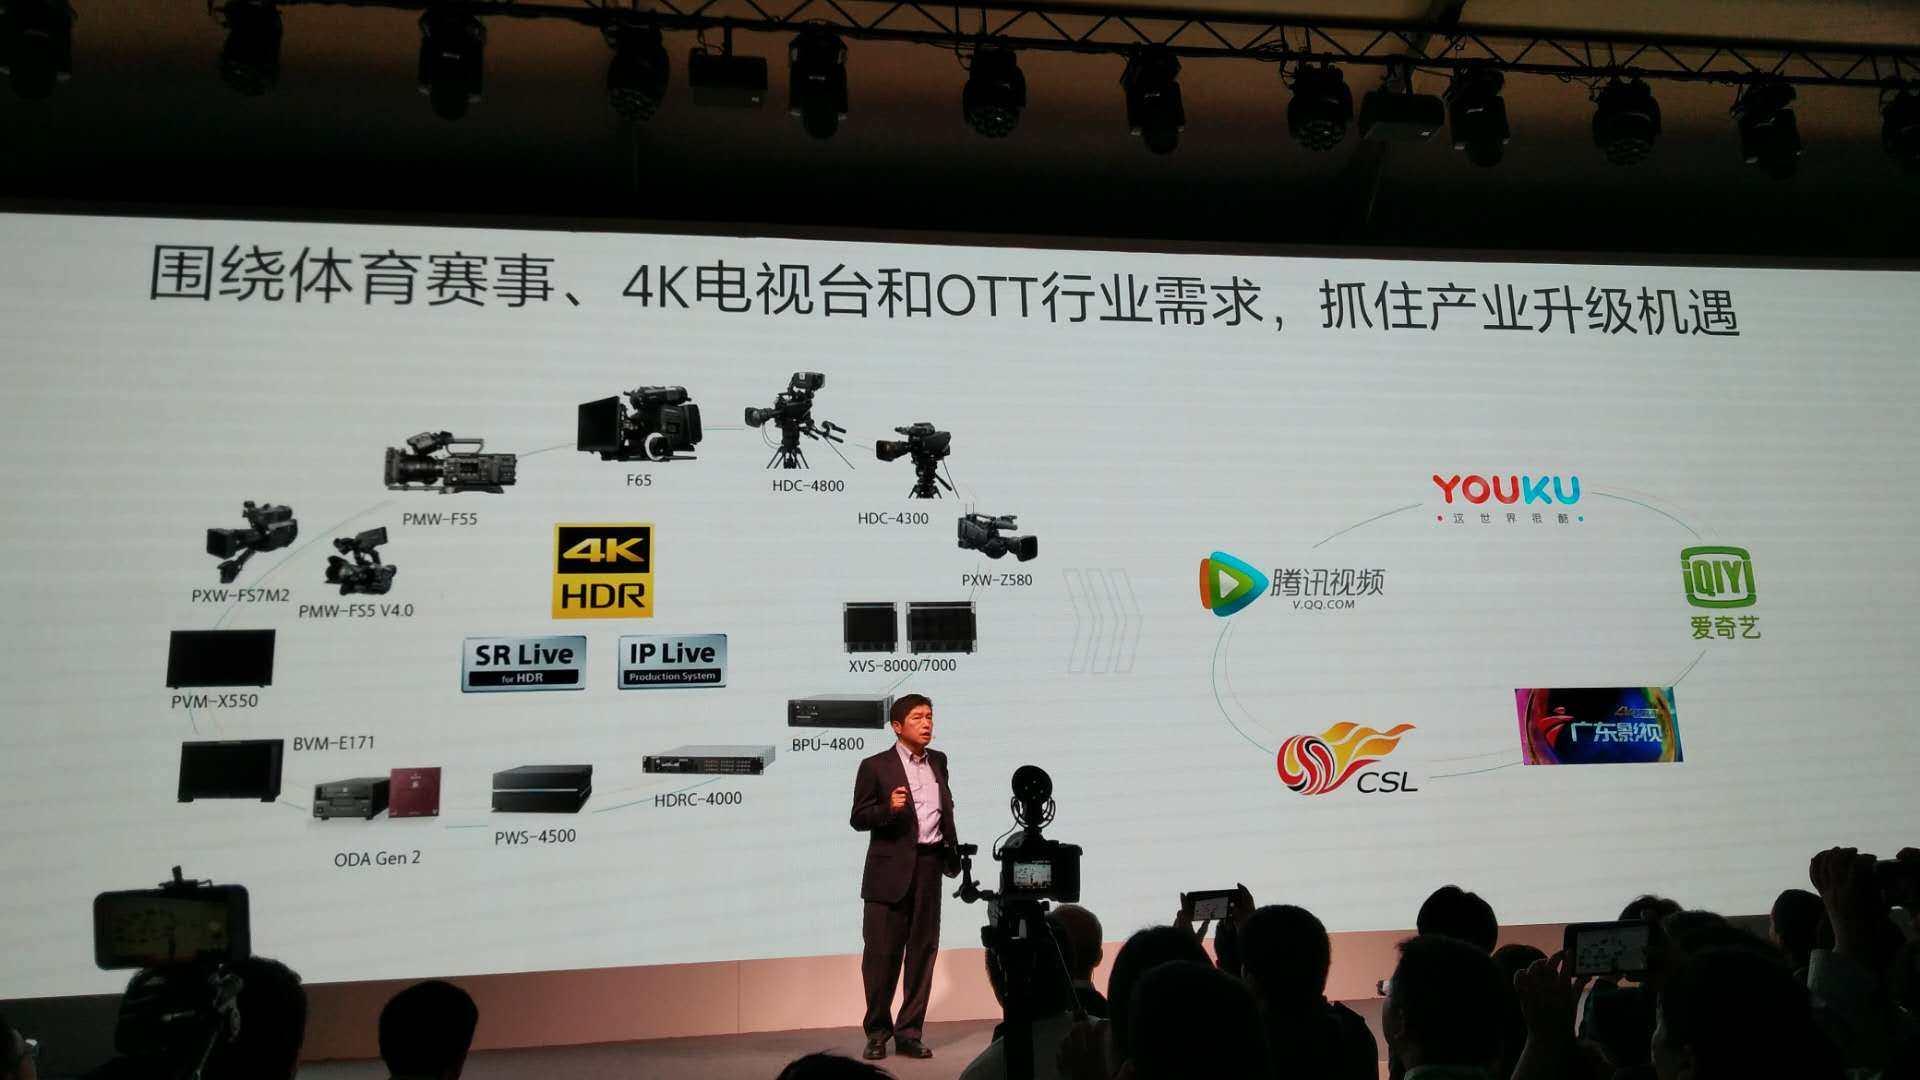 高桥洋:积极融入中国互联网生态圈 用产品组合推OLED电视